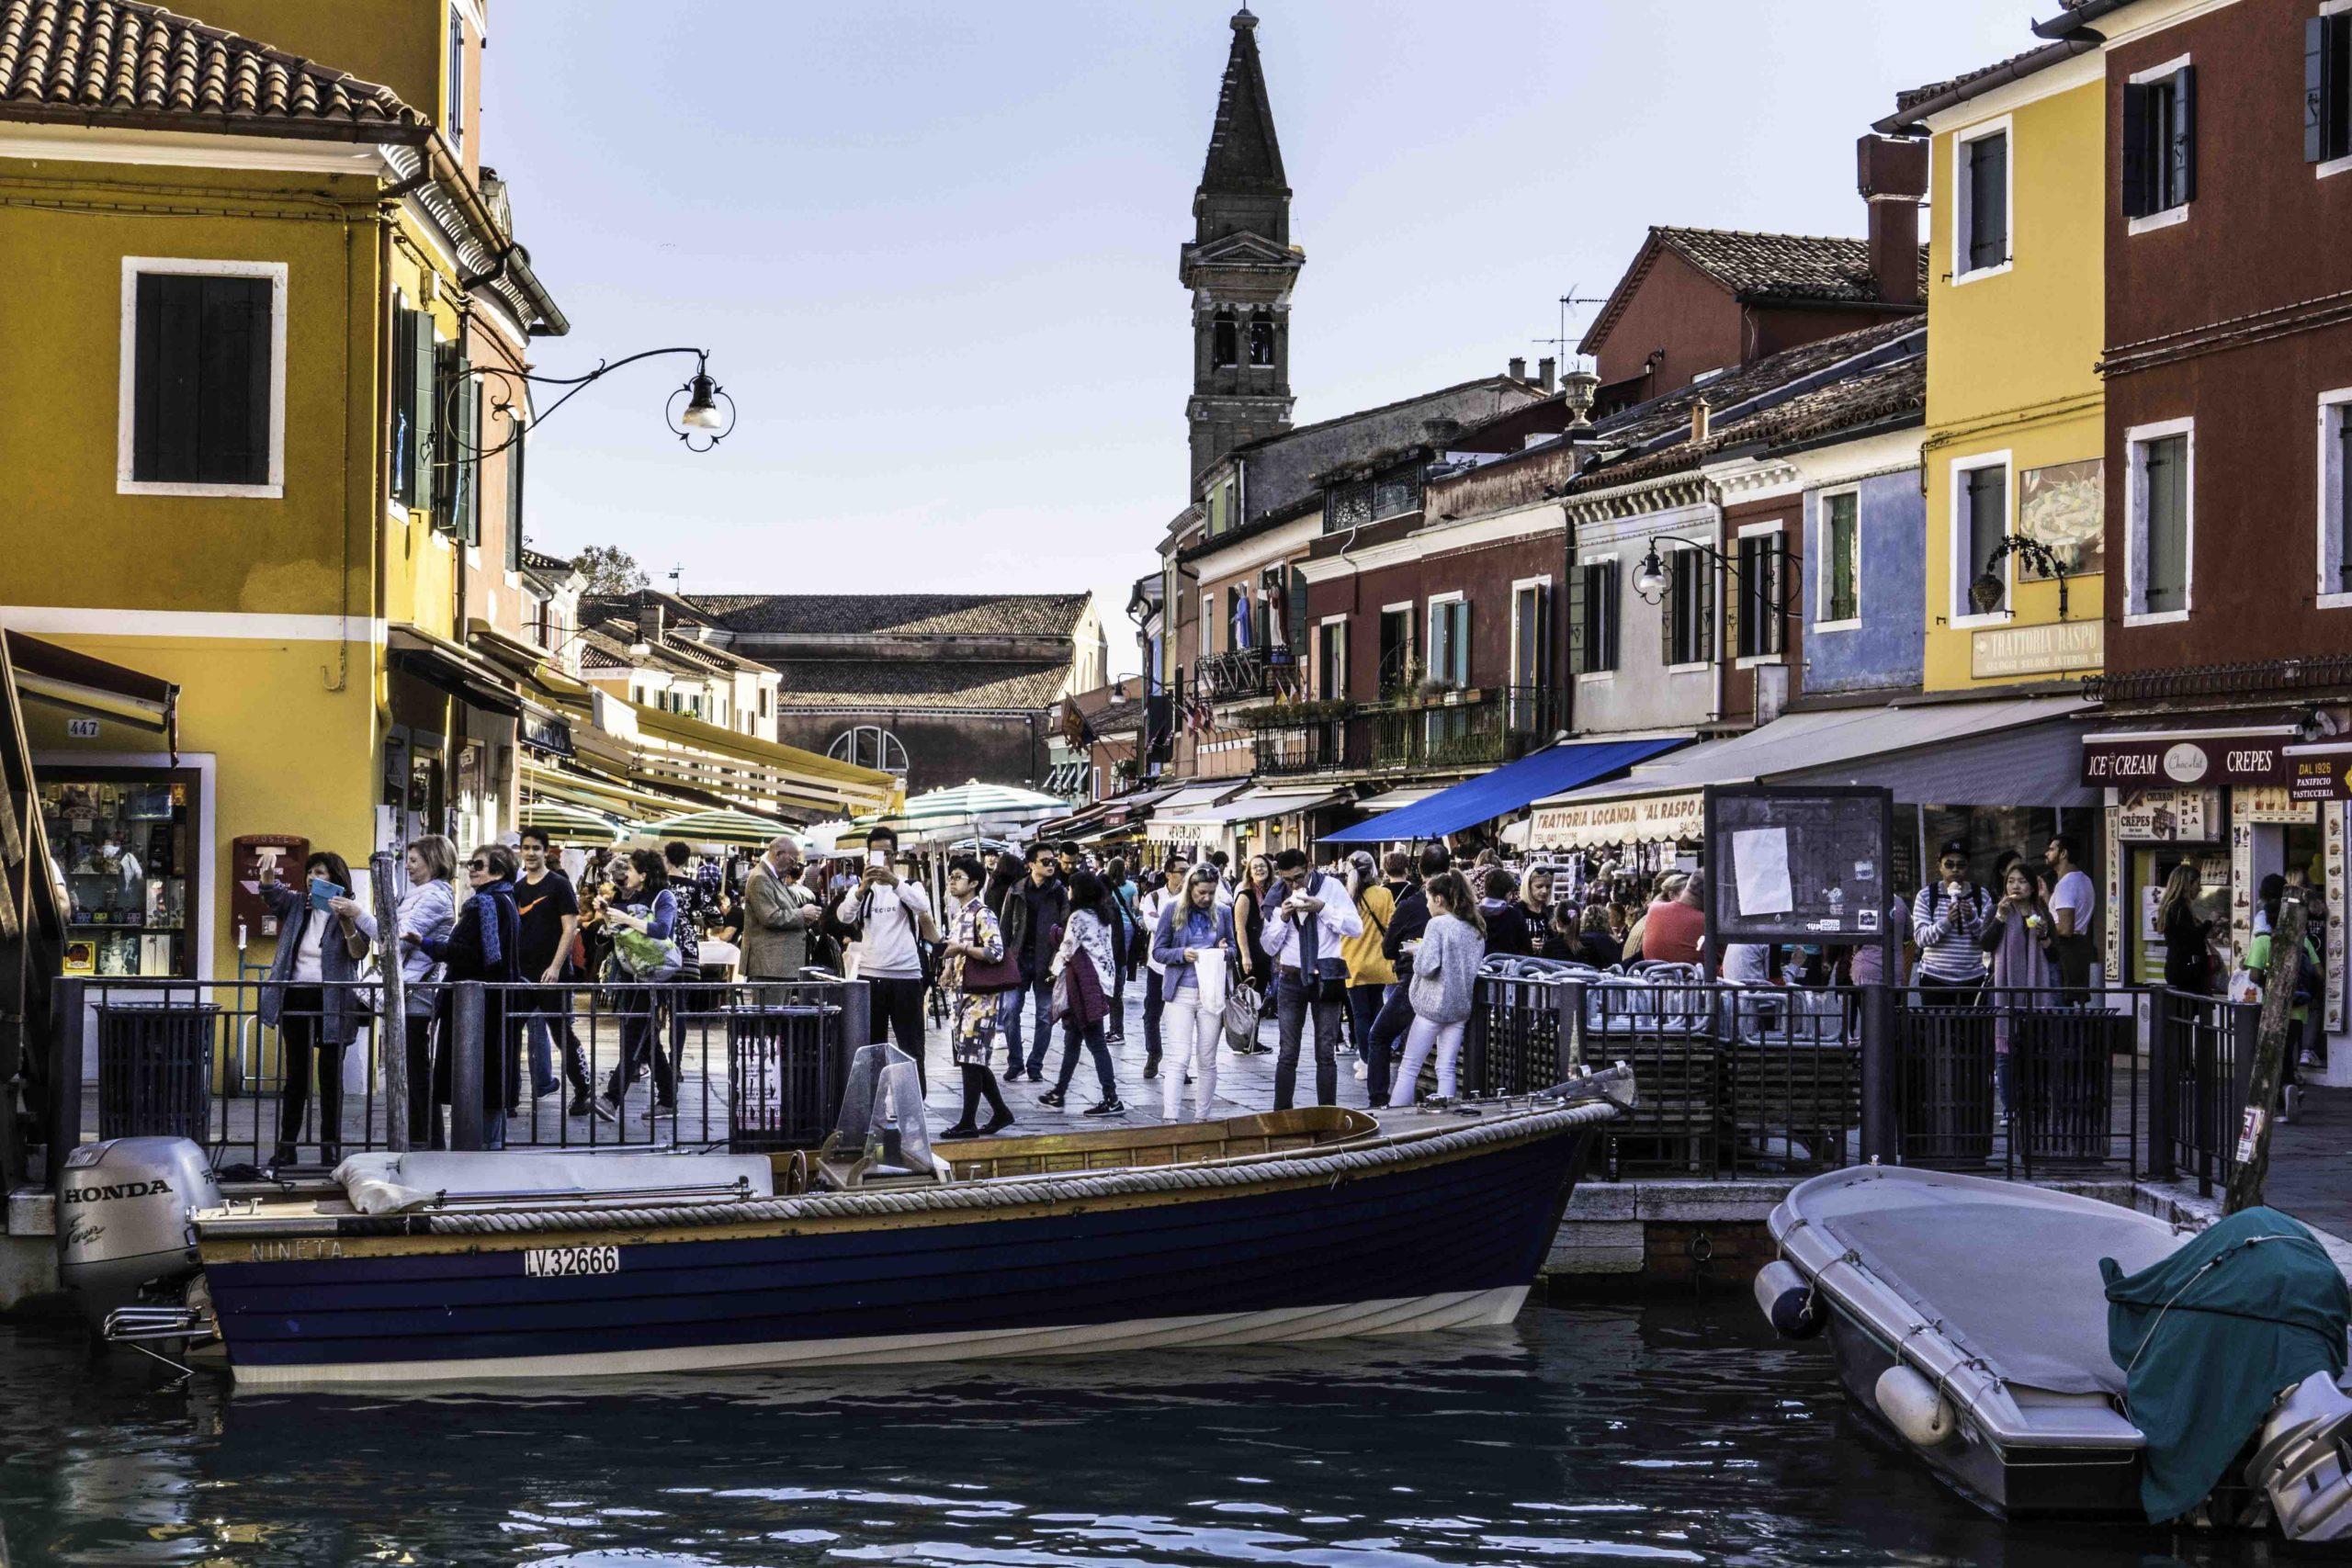 Piazza Baldassare Galuppi, Burano island, Venice lagoon, Venice, Italy